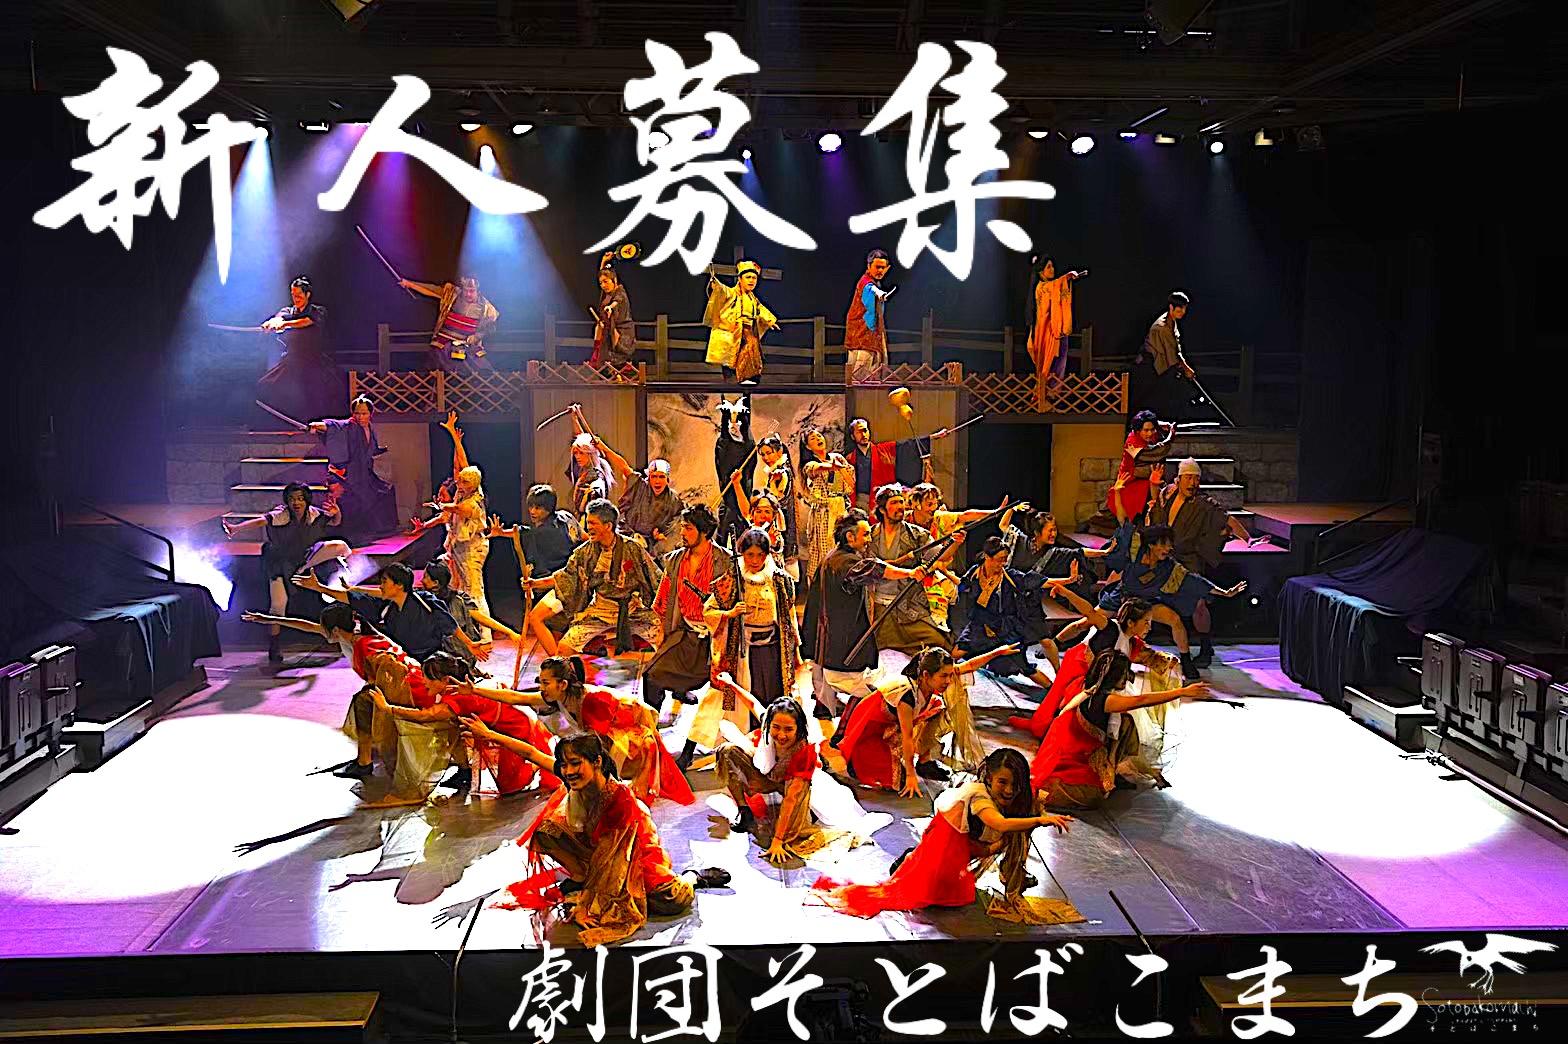 オーディション [関西]劇団そとばこまち 新人募集 主催:劇団そとばこまち、カテゴリ:劇団